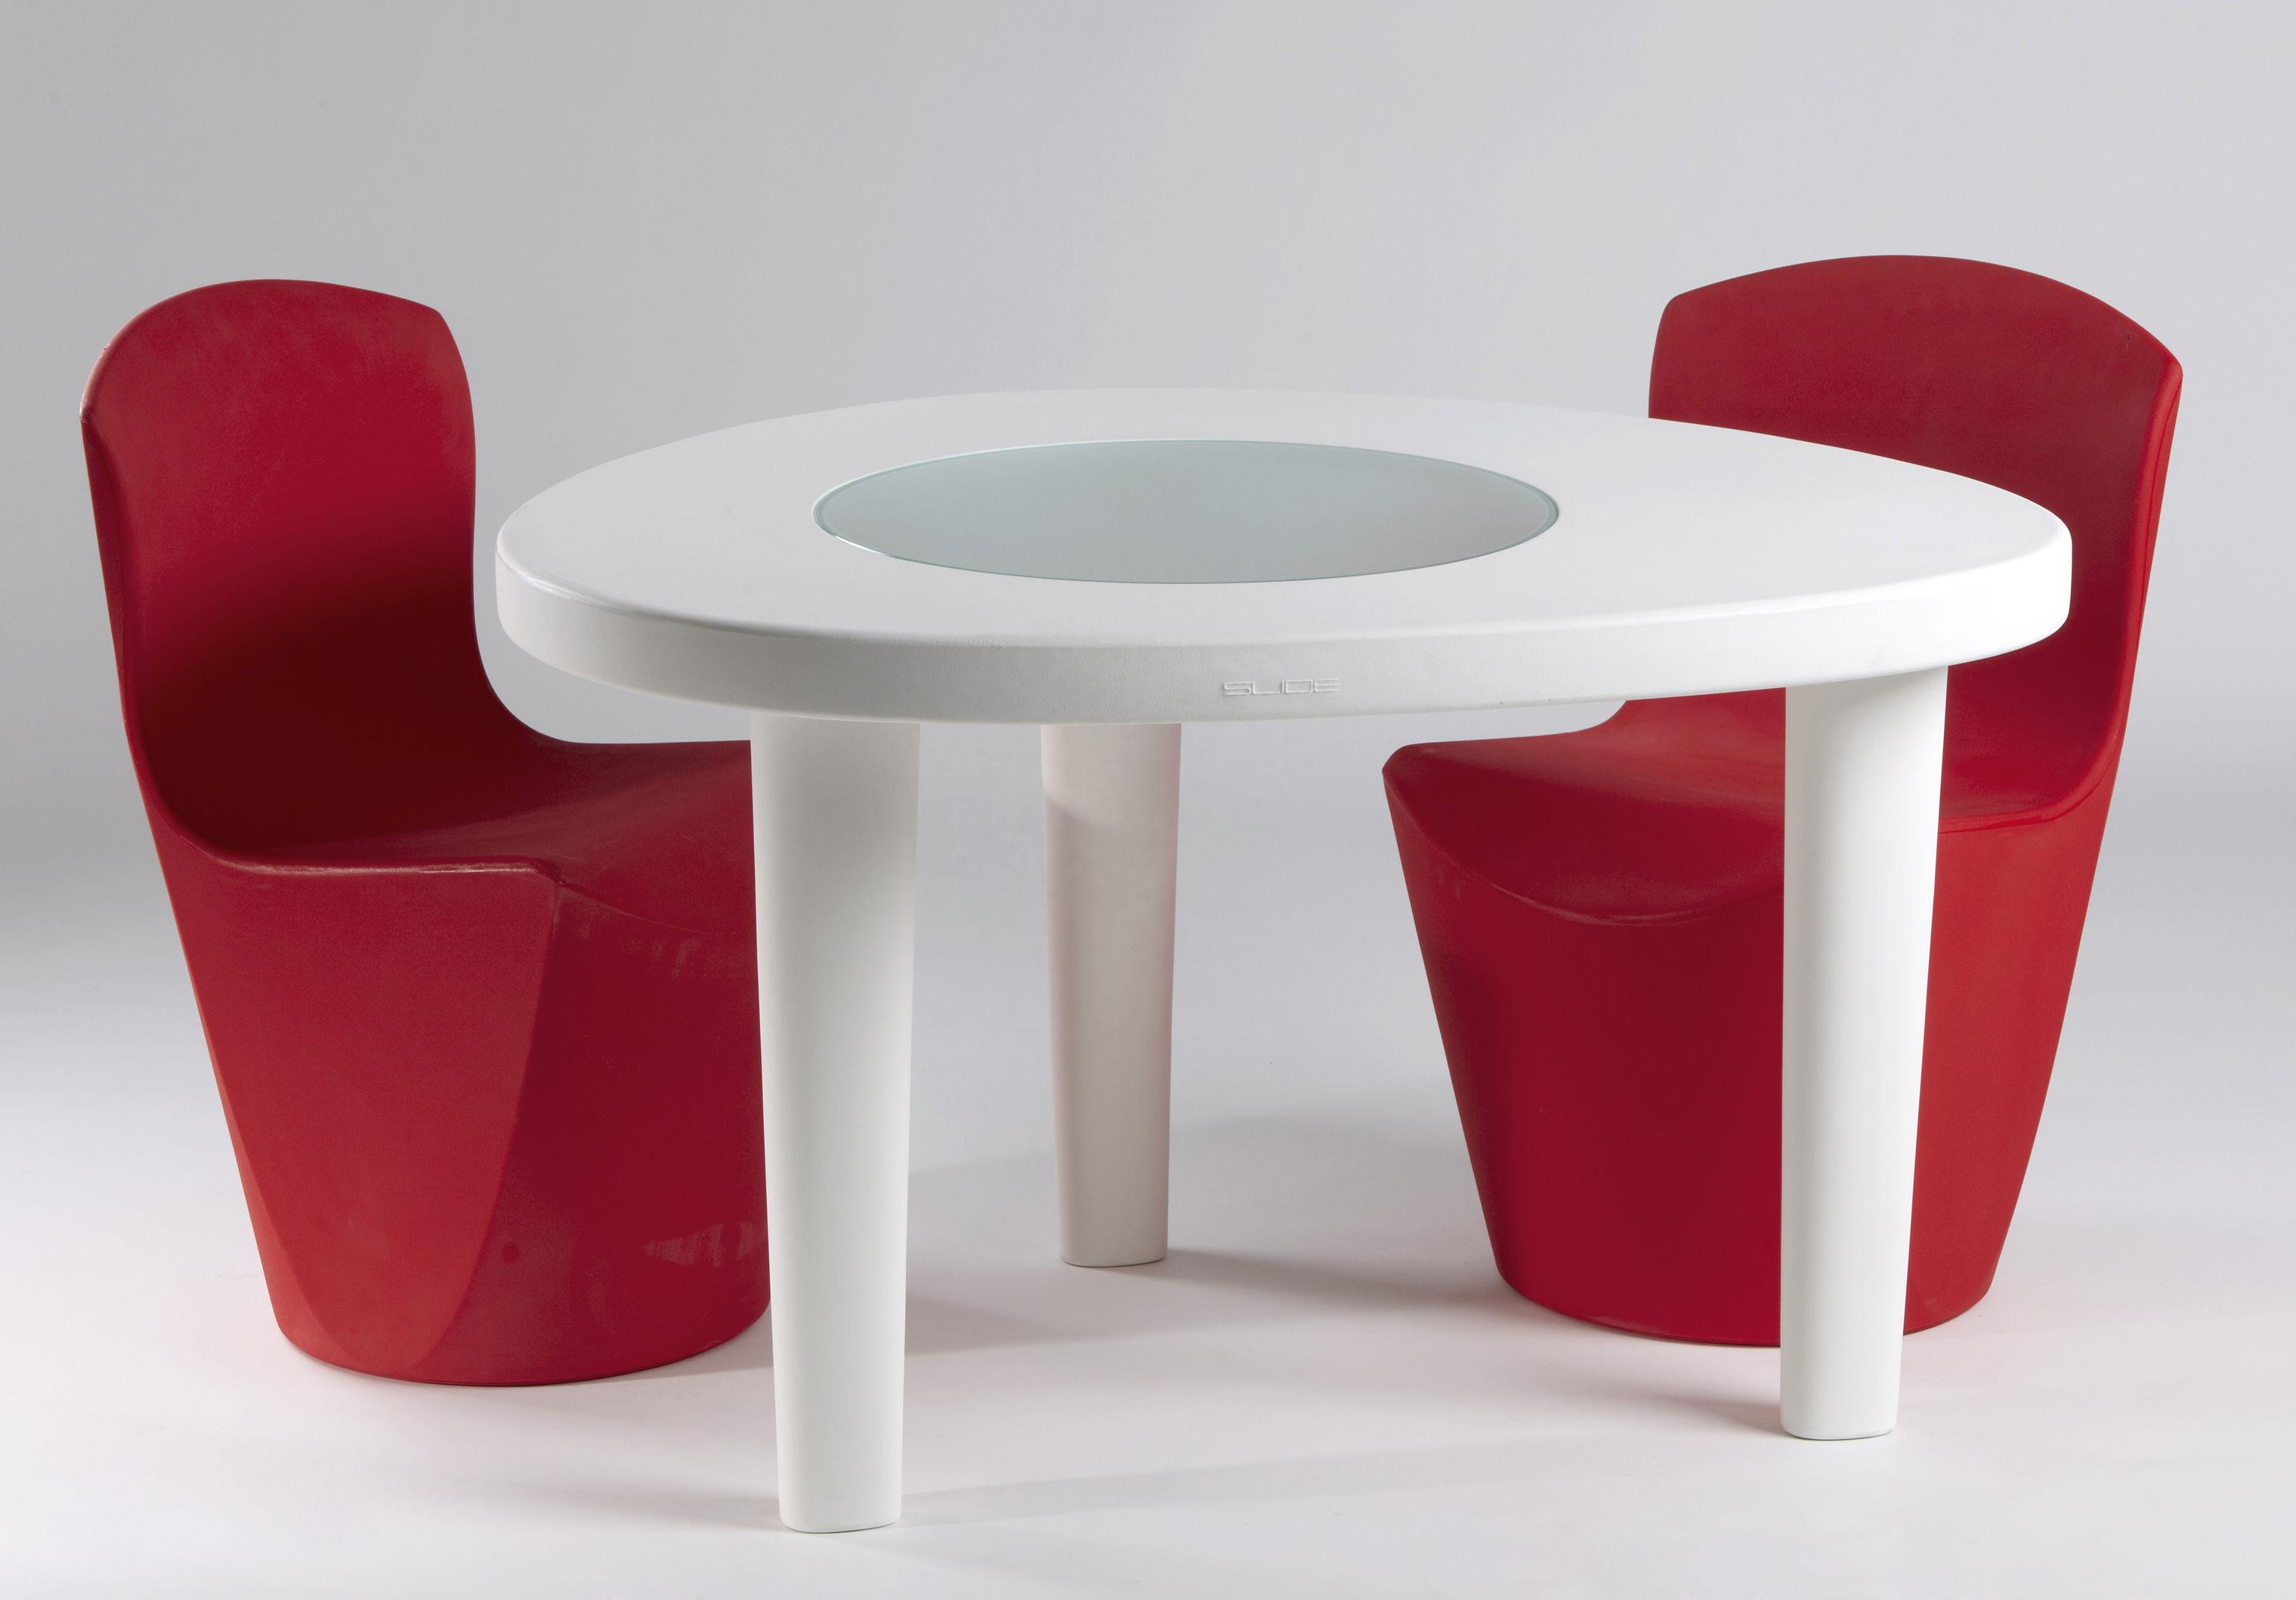 Table de jardin coccod 100 x 120 cm plastique verre - Table de jardin plastique blanc ...